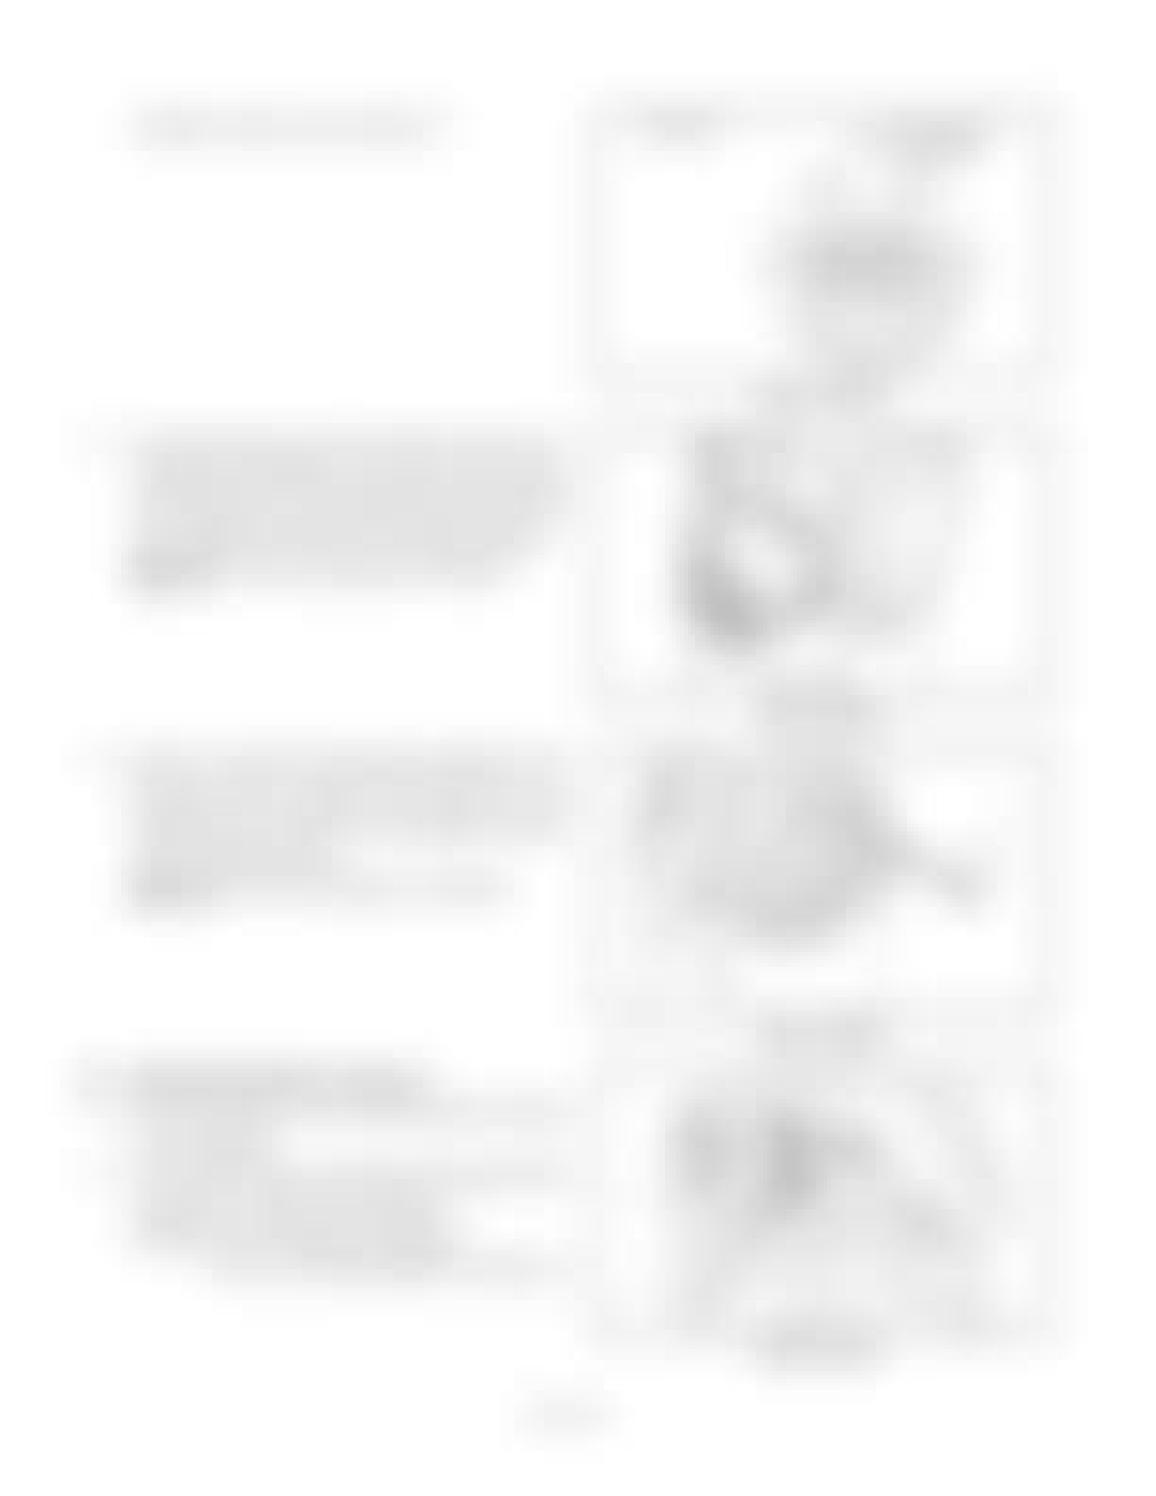 Hitachi LX110-7 LX130-7 LX160-7 LX190-7 LX230-7 Wheel Loader Workshop Manual - PDF DOWNLOAD page 172